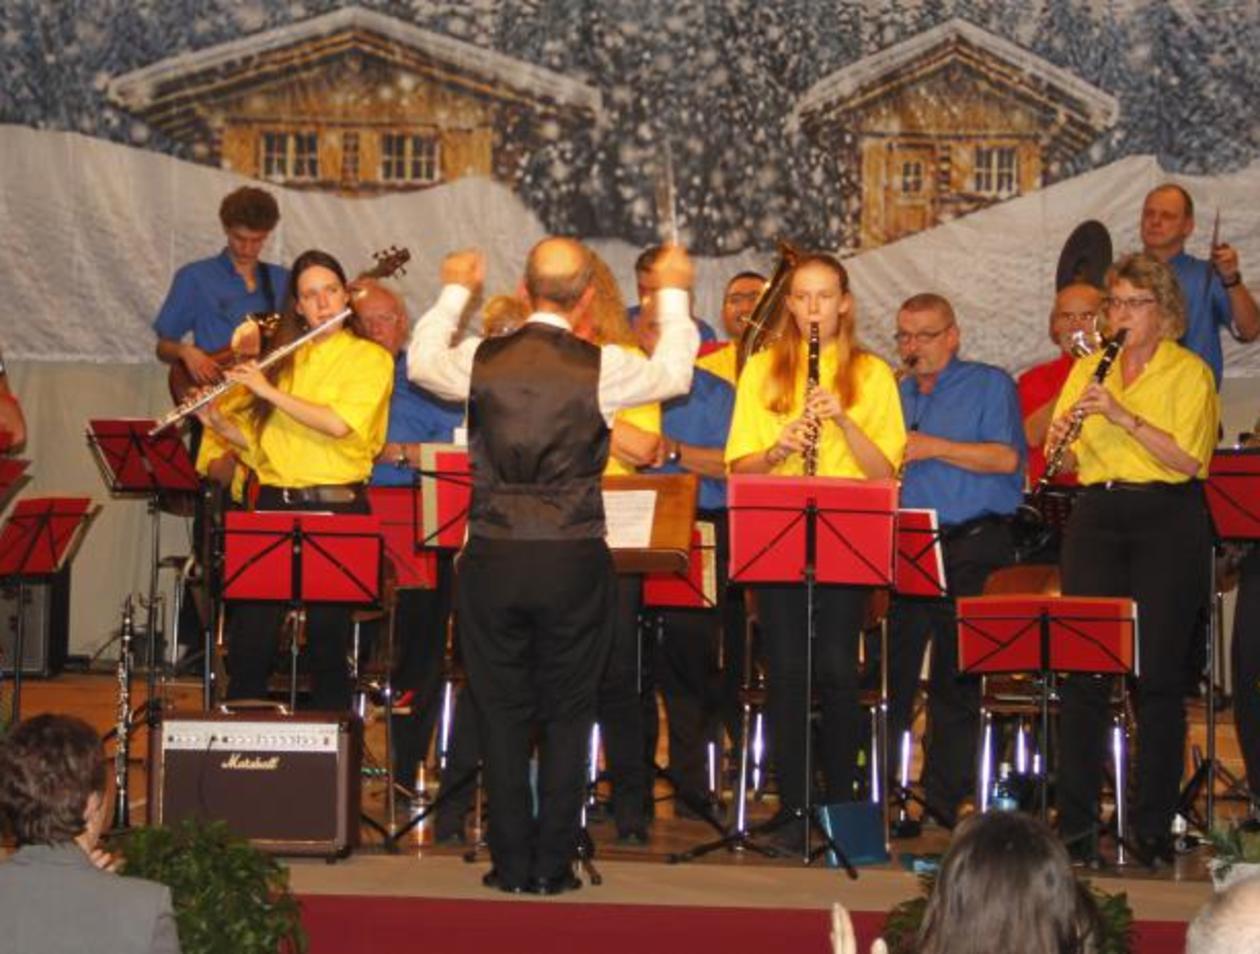 Weihnachtslieder Blasorchester.Blasorchester Büdesheim Präsentiert Weihnachtslieder Potpourri